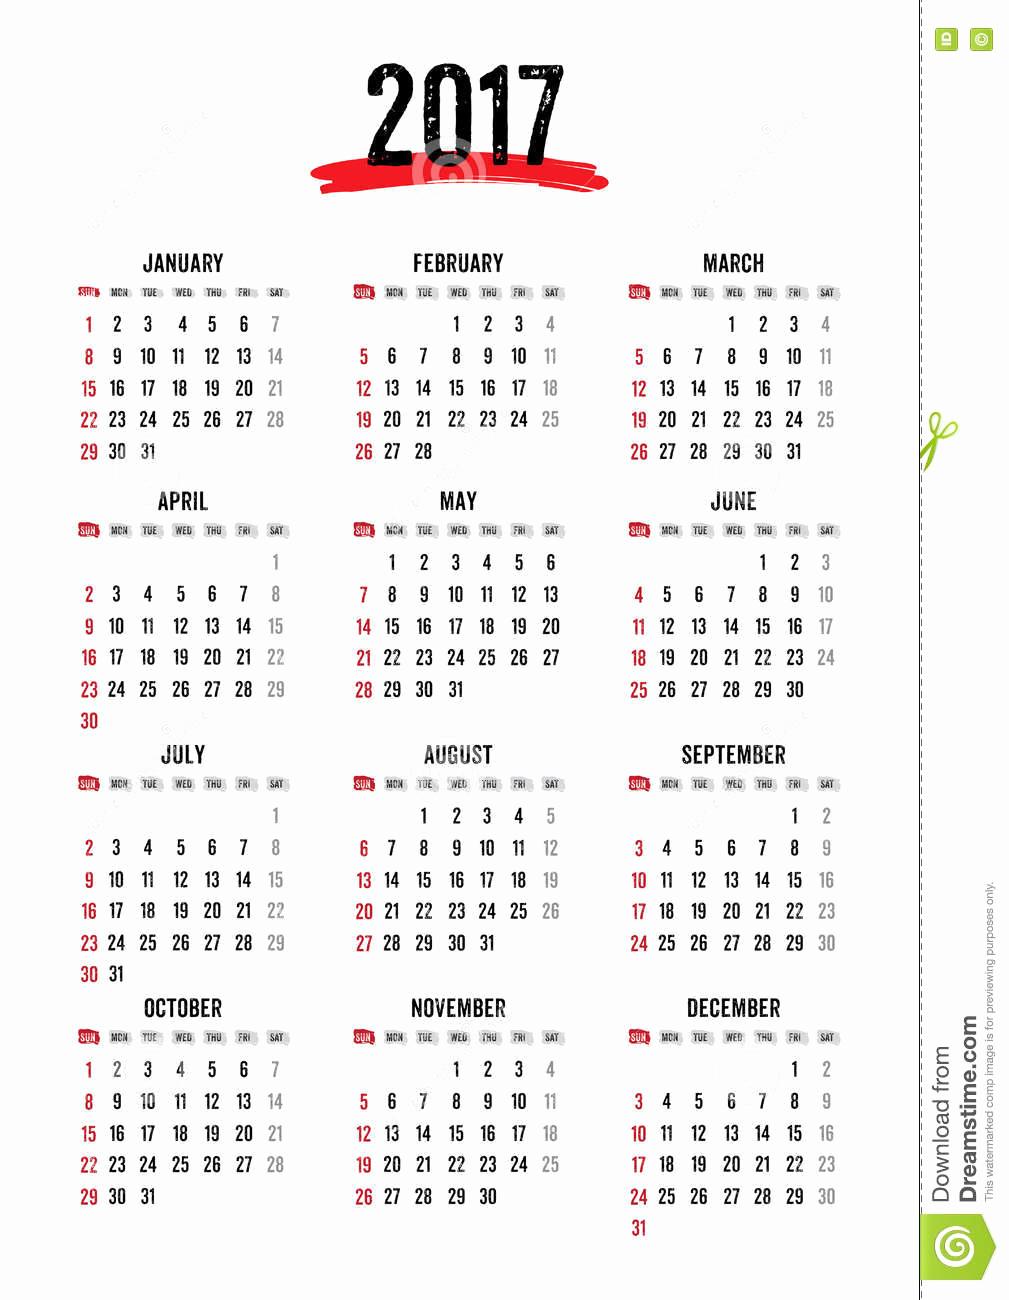 12 Month Calendar Template New Calendar 2017 12 Month In Grunge Text Style Week Start